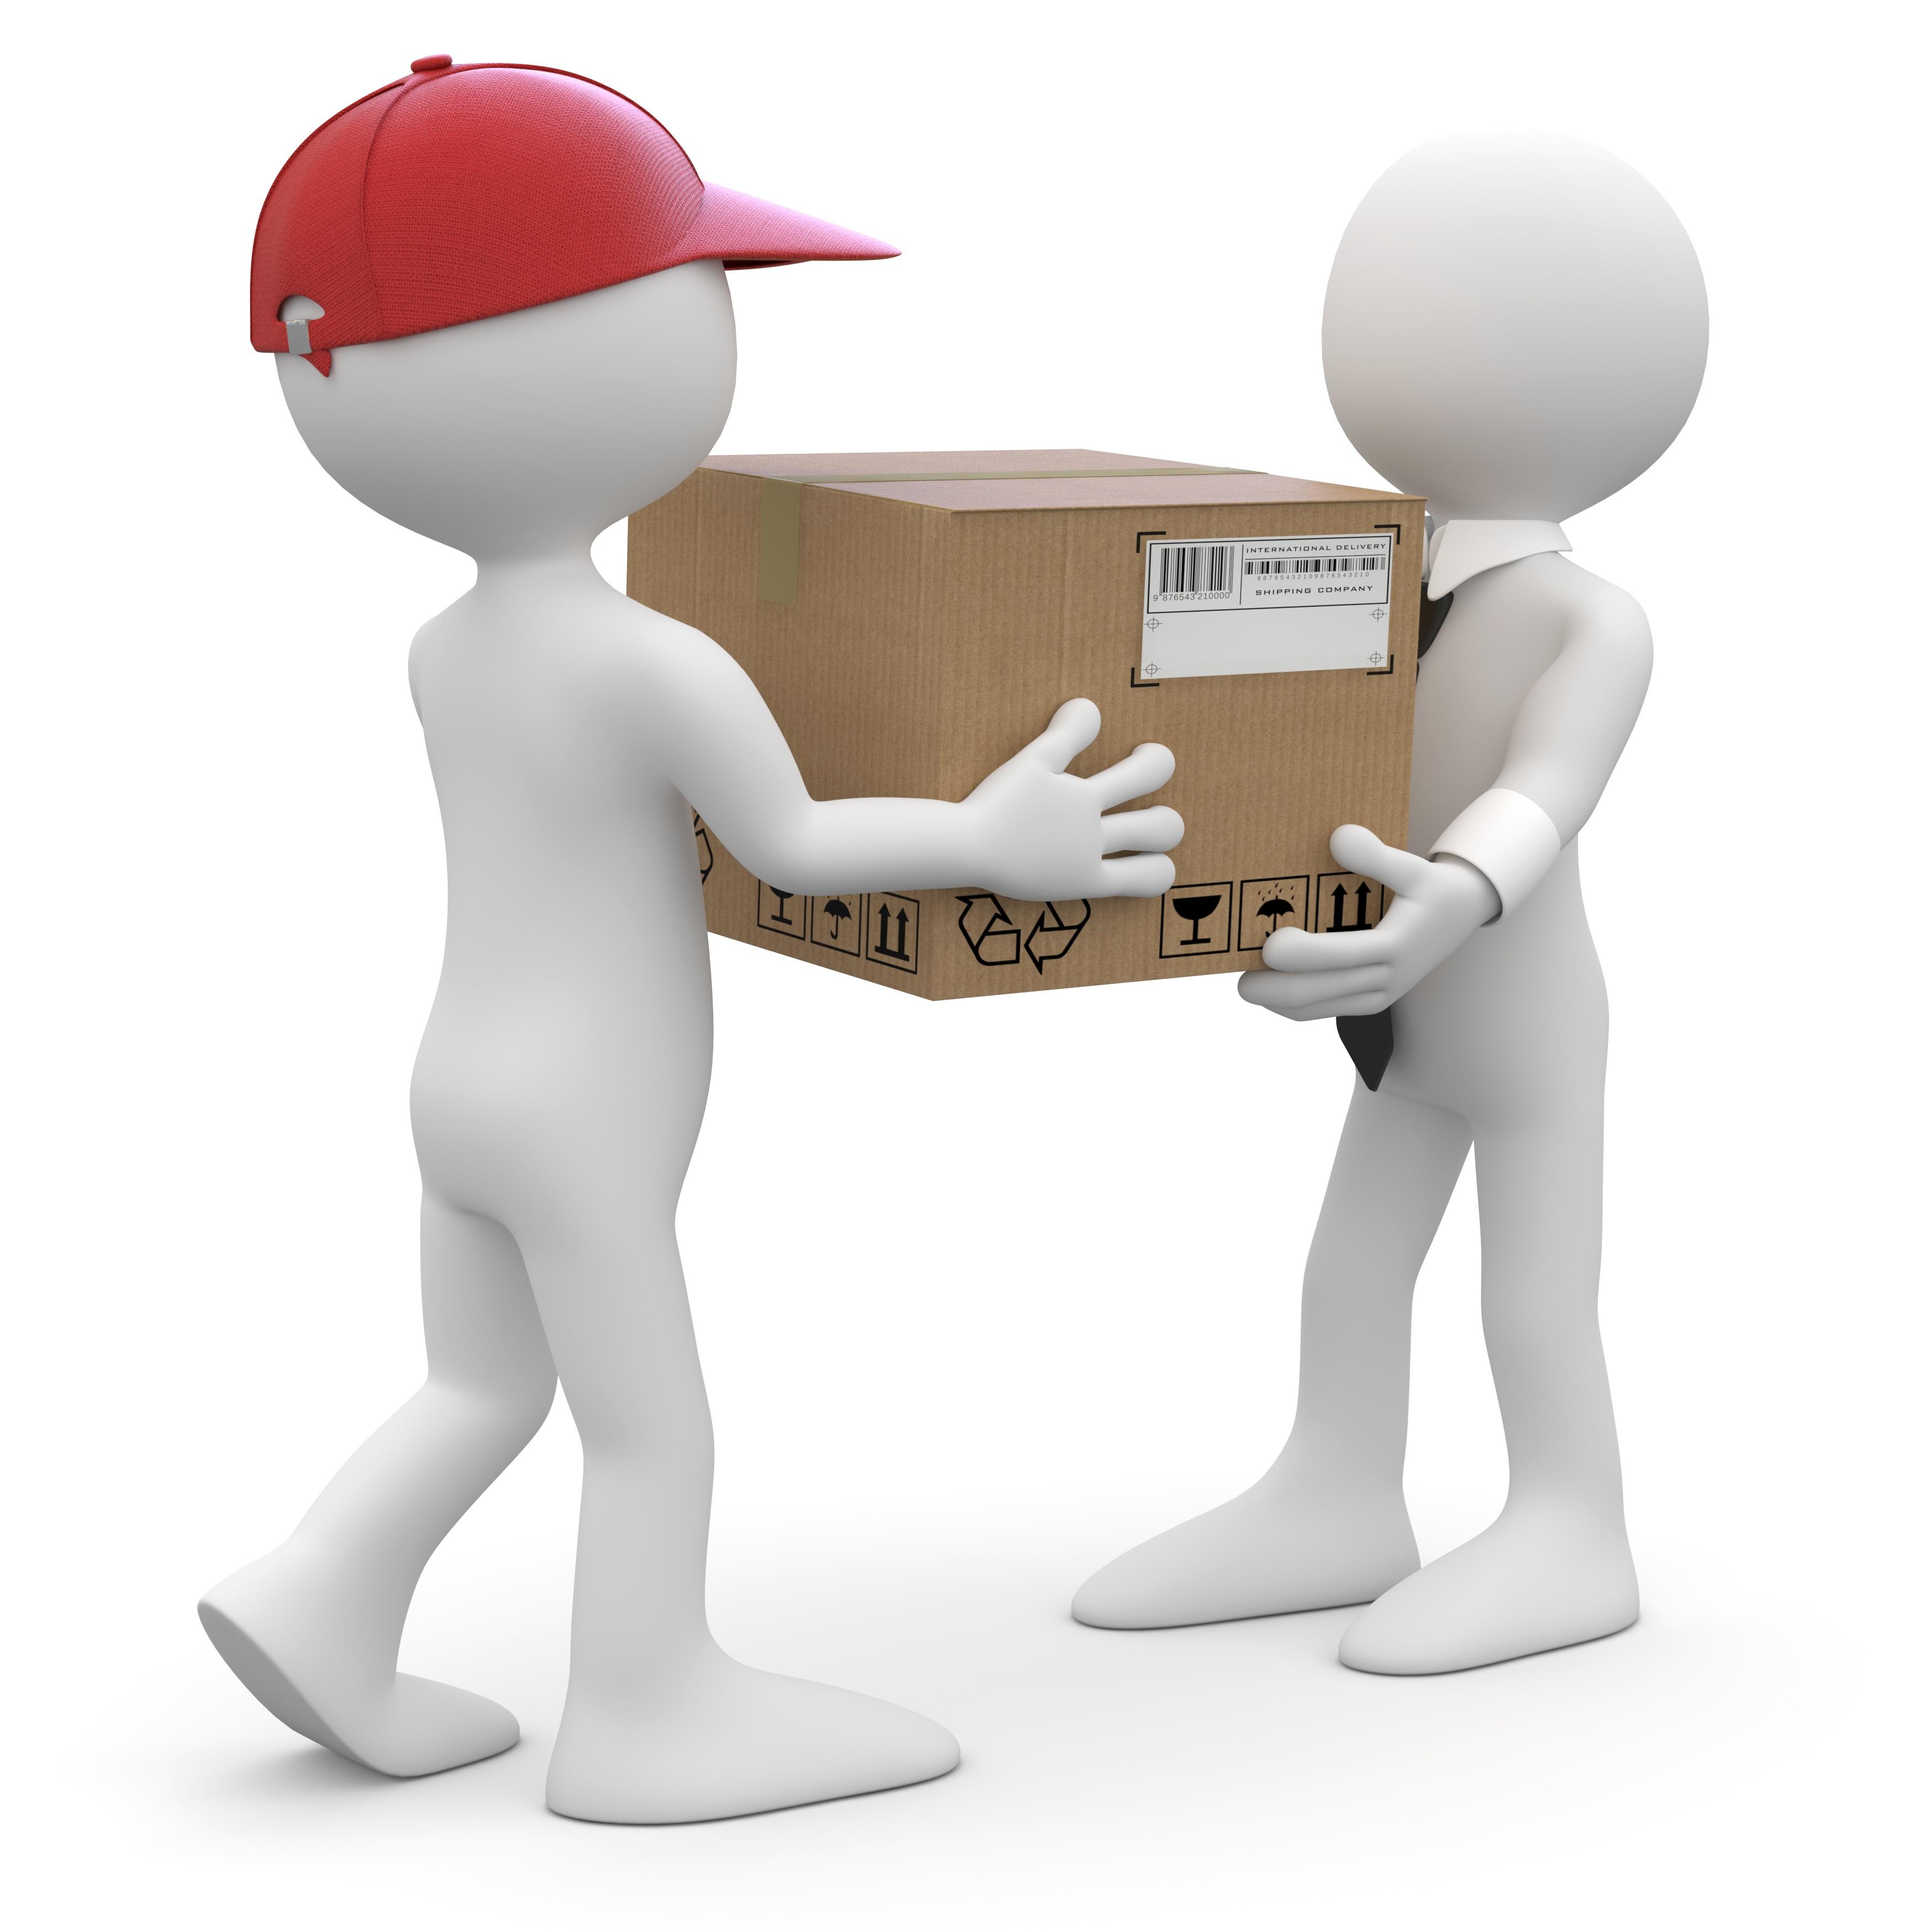 Dịch vụ chuyển phát nhanh từ quận Cầu Giấy giá rẻ, chuyên nghiệp